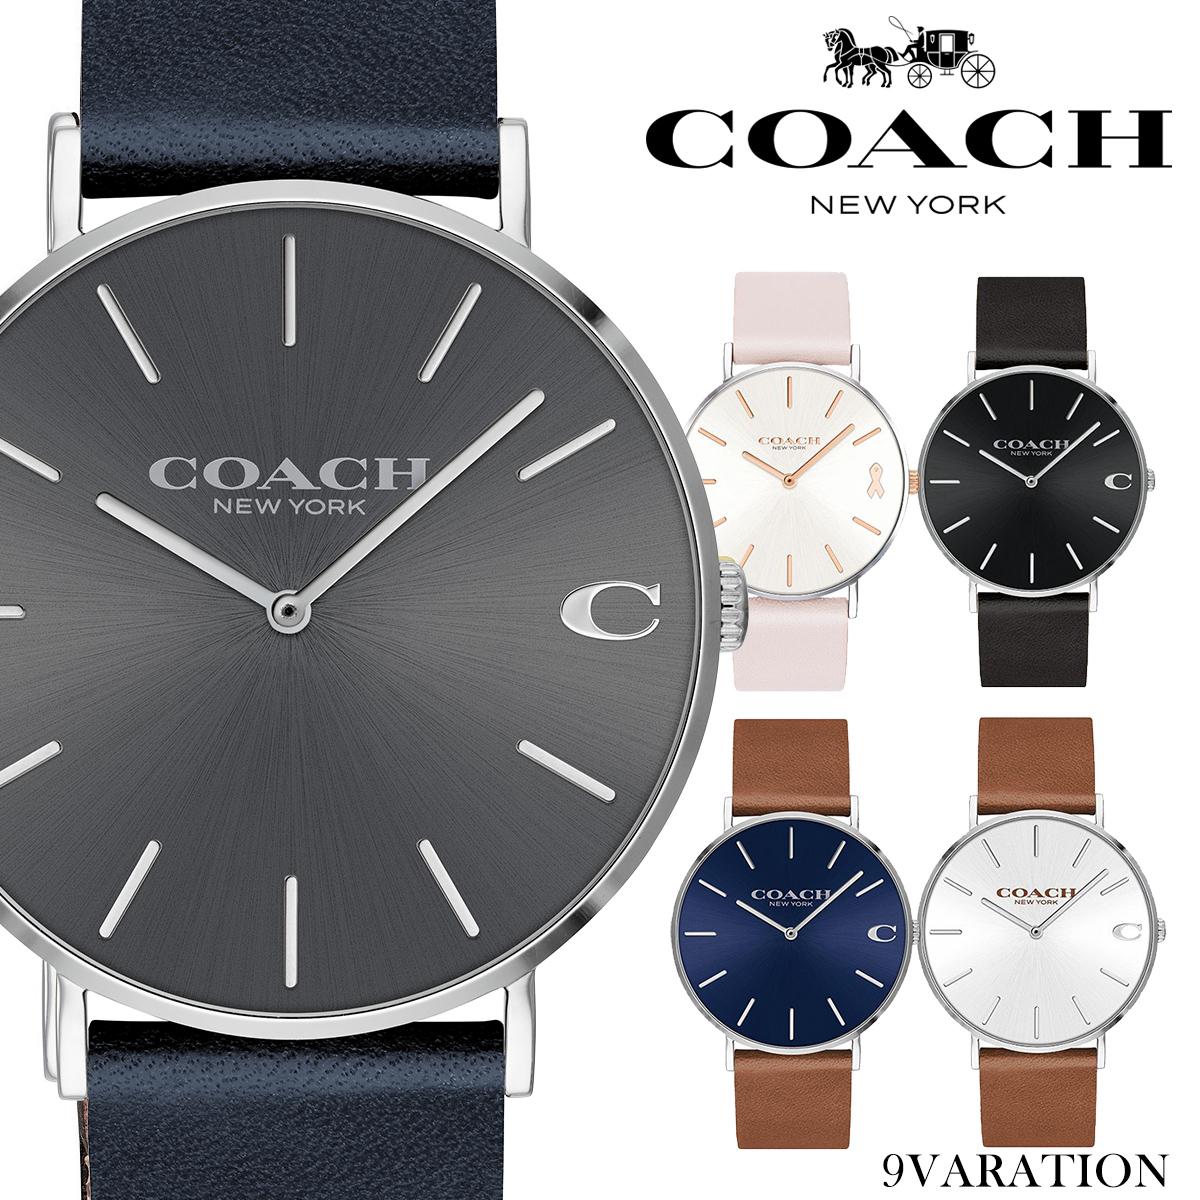 【期間限定特価】コーチ 腕時計 COACH 時計 コーチ時計 COACH腕時計 ペリー PERRY レディース